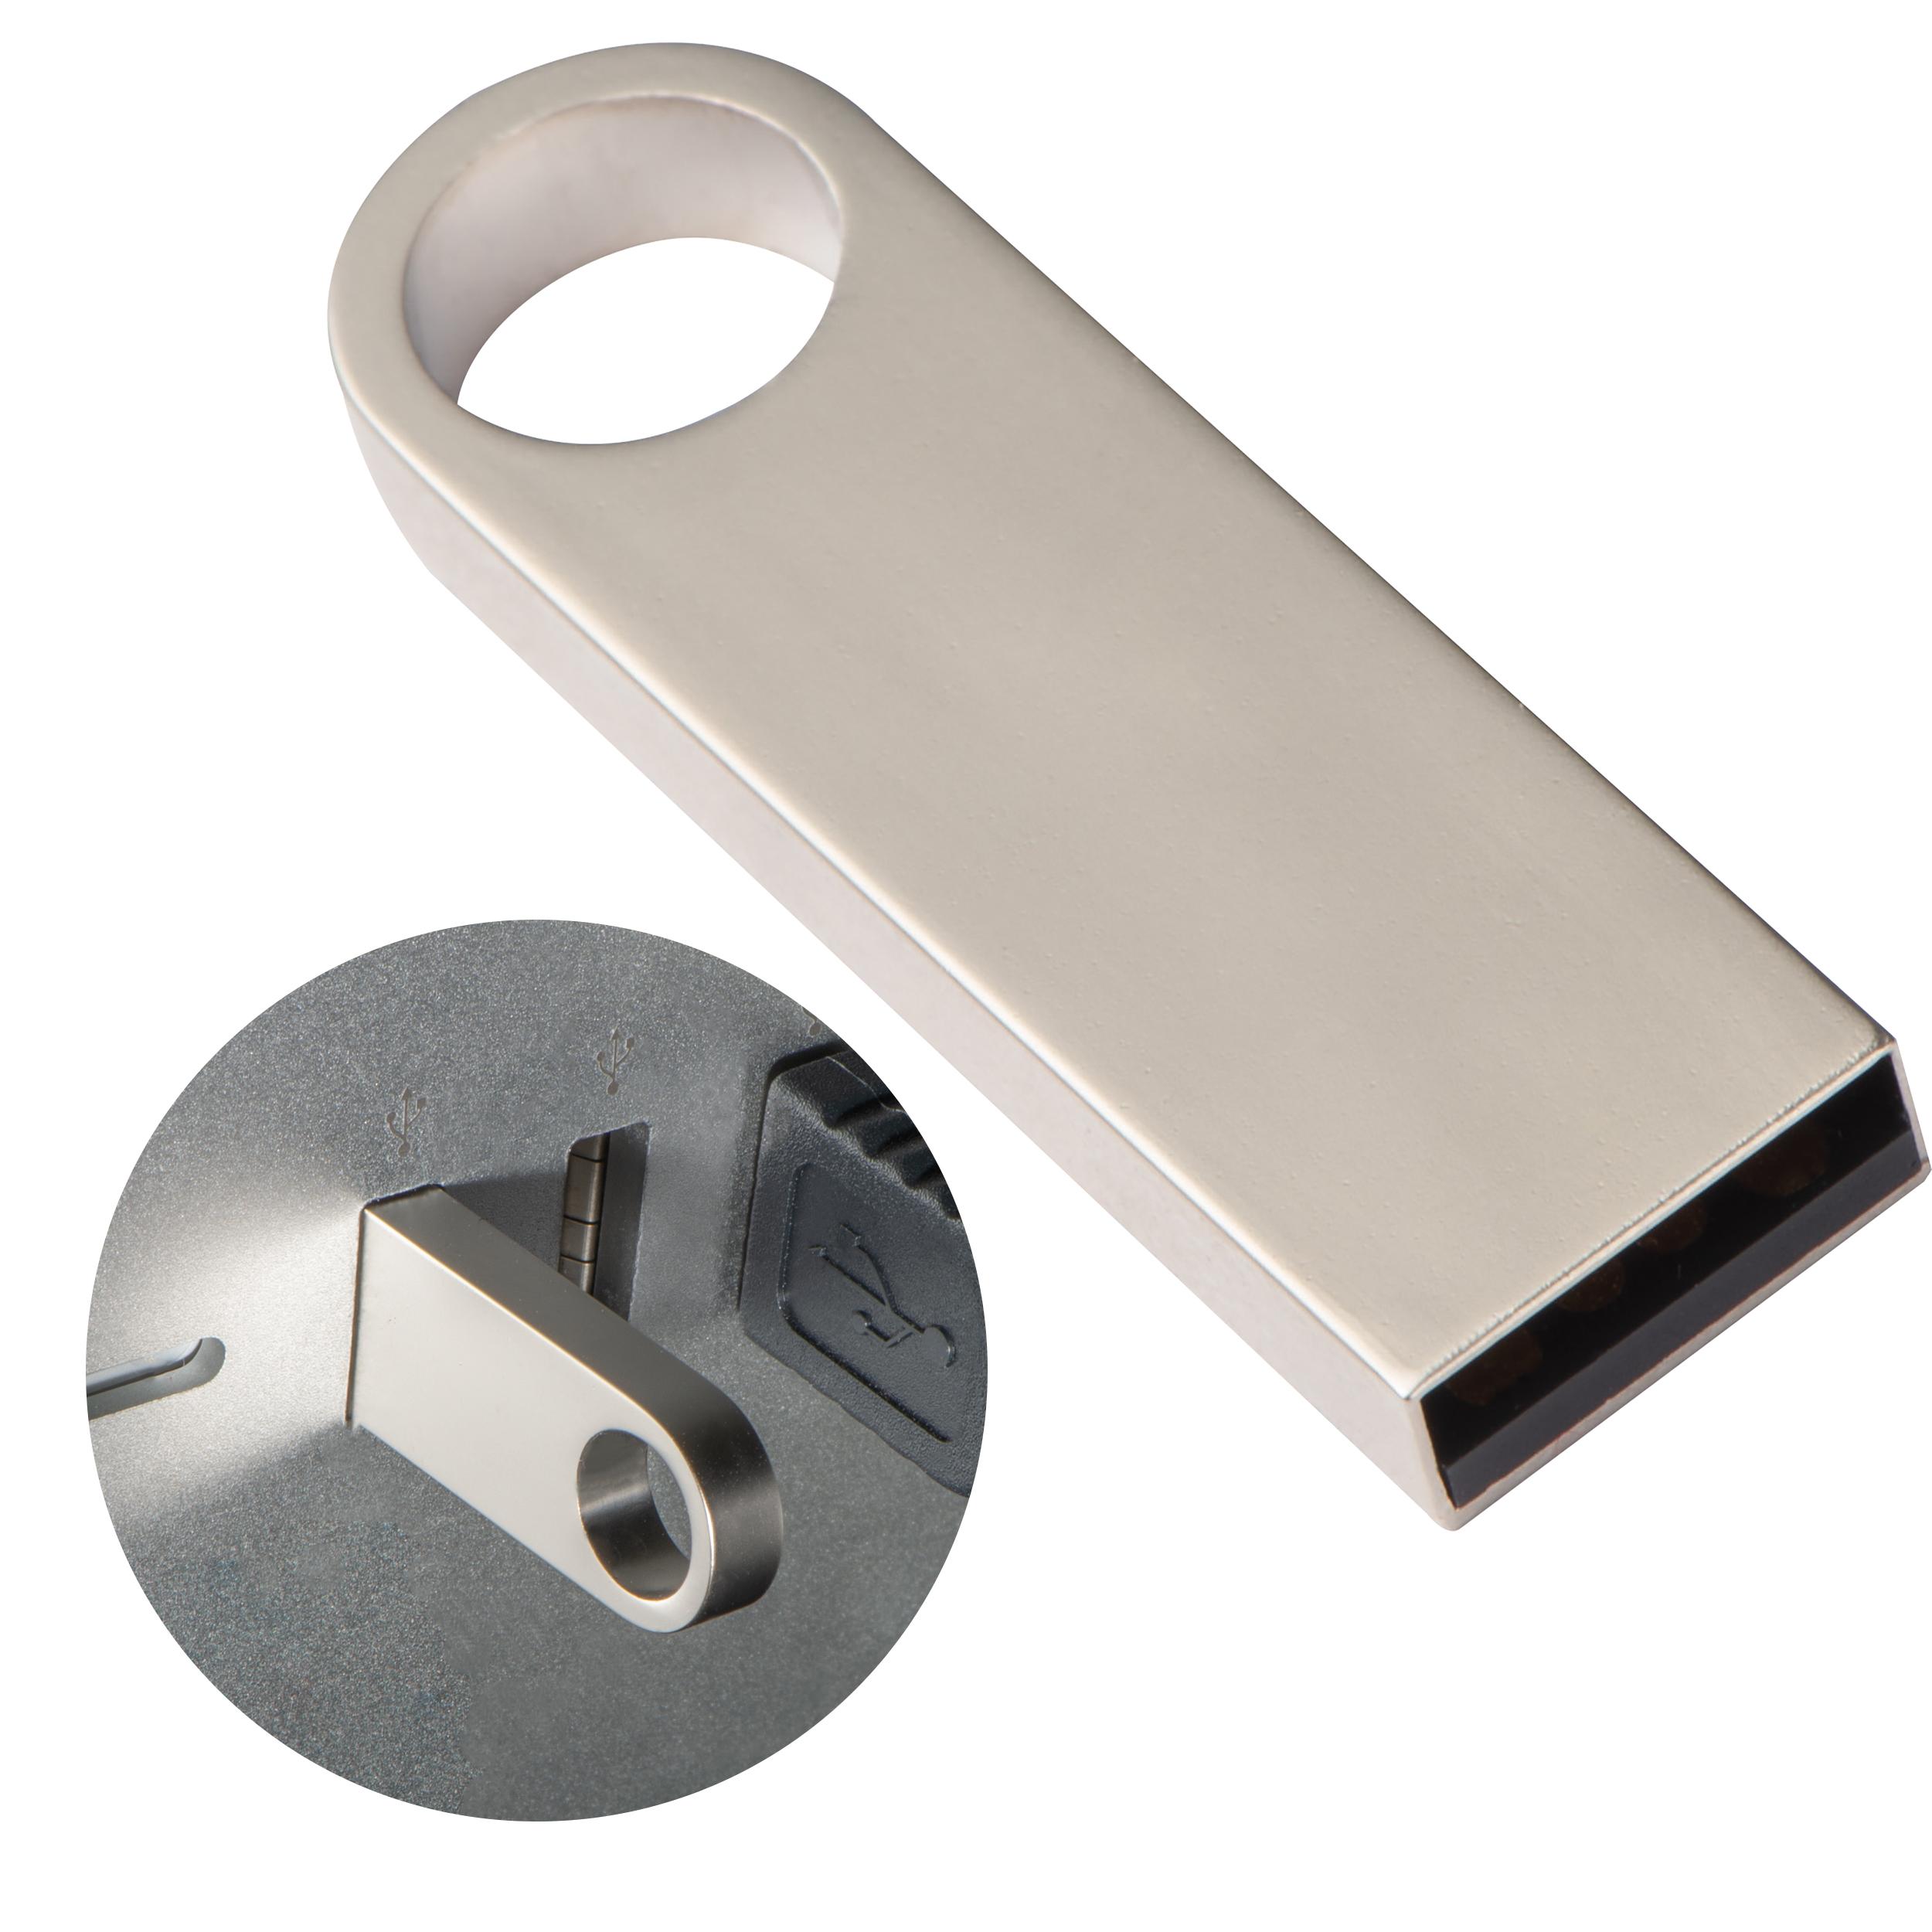 Metal USB stick - 4GB